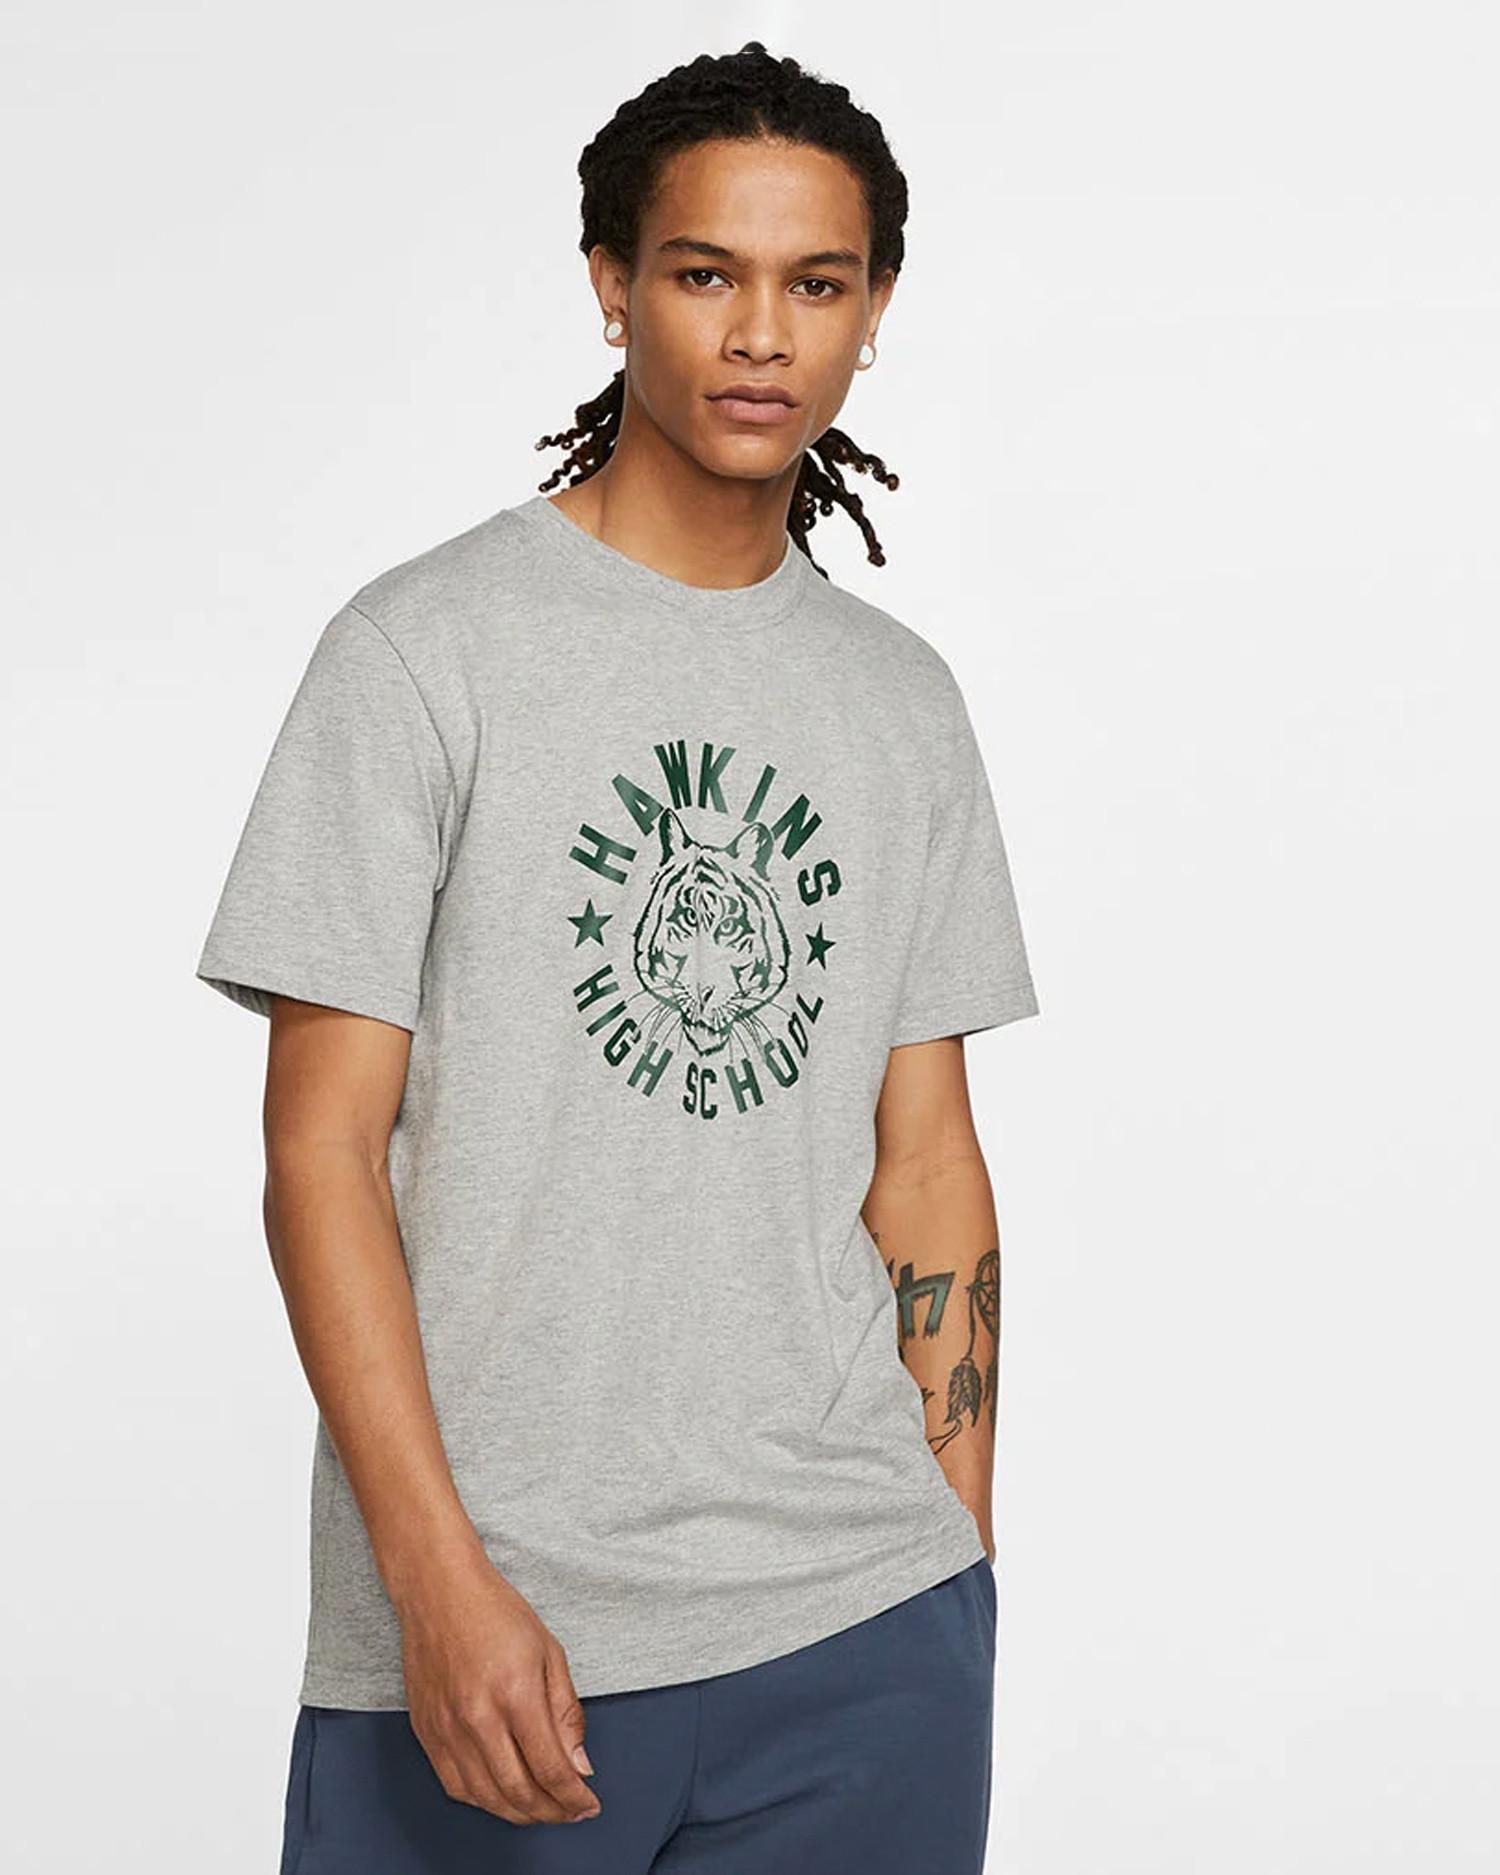 Nike Stranger Things Shortsleeve Tee Dk grey heather/fir